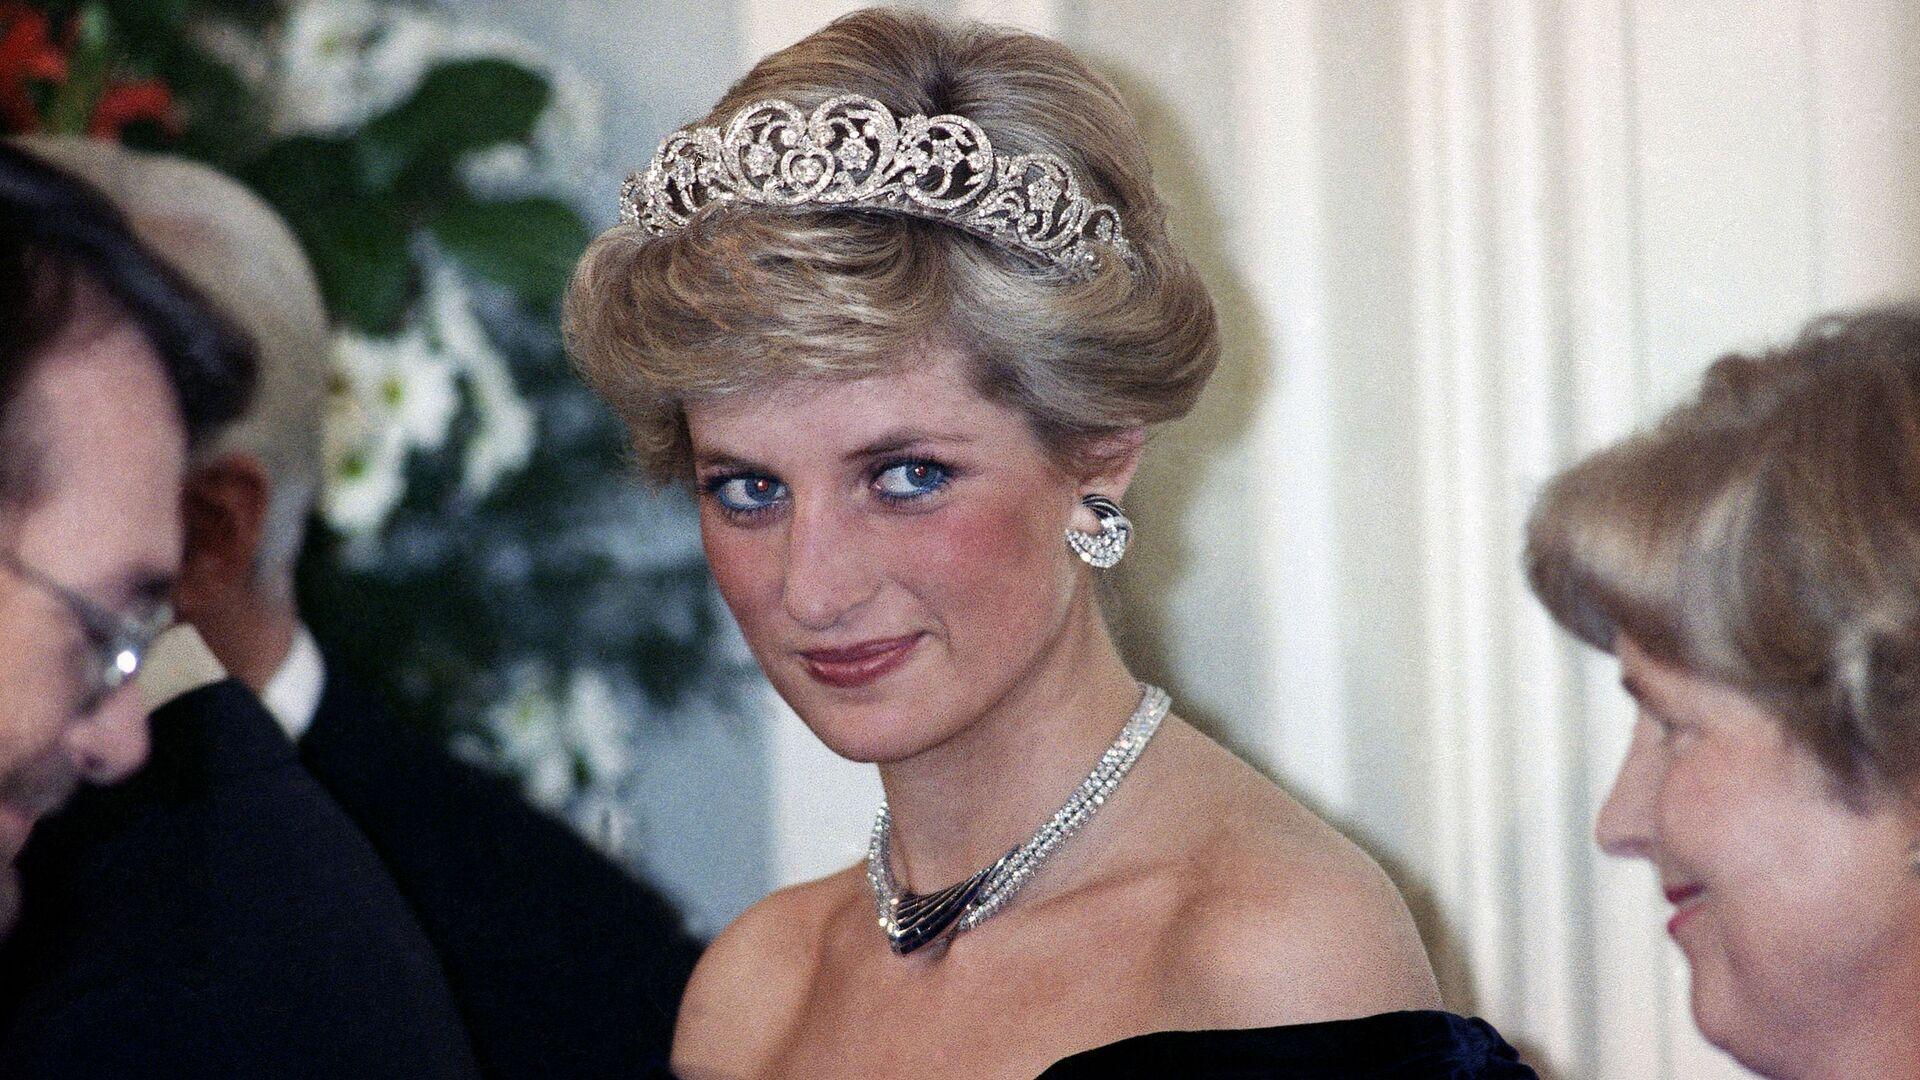 Принцесса Диана на вечернем приеме в честь членов королевской семьи в Бонне,  Германия, 1987 год - Sputnik Italia, 1920, 23.05.2021